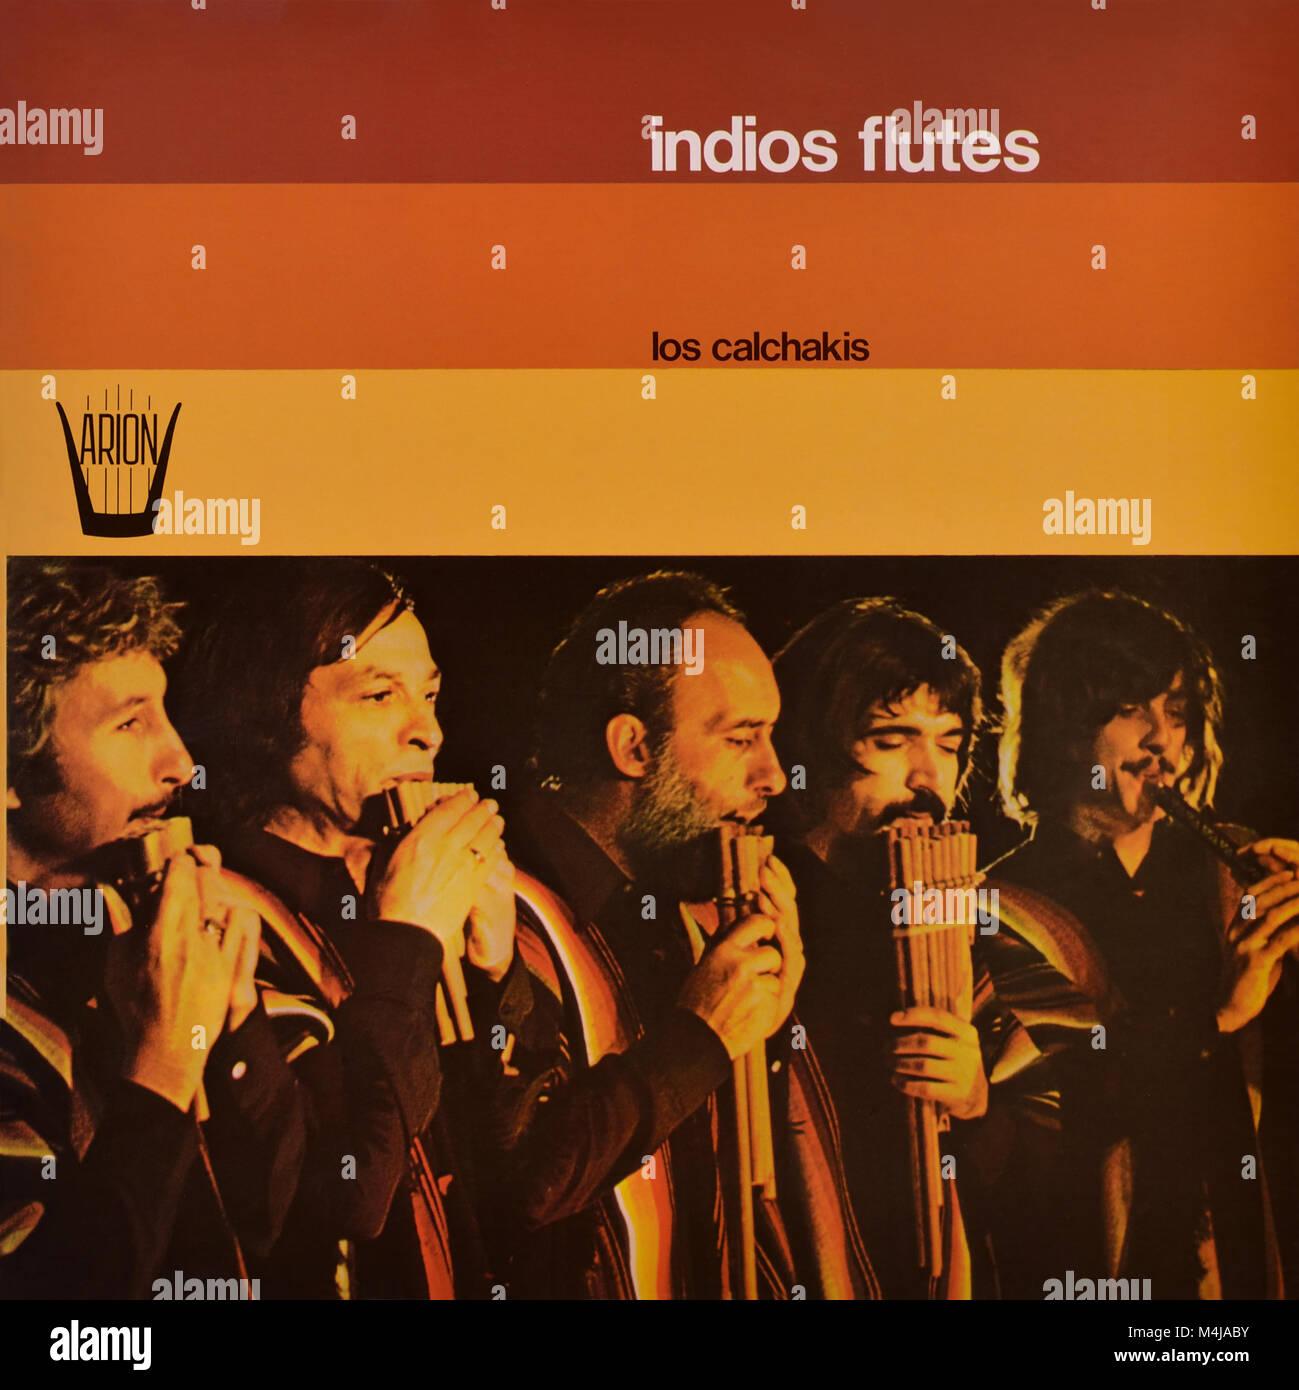 Los Calchakis original vinyl album cover - Indios Flutes - 1975 - Stock Image